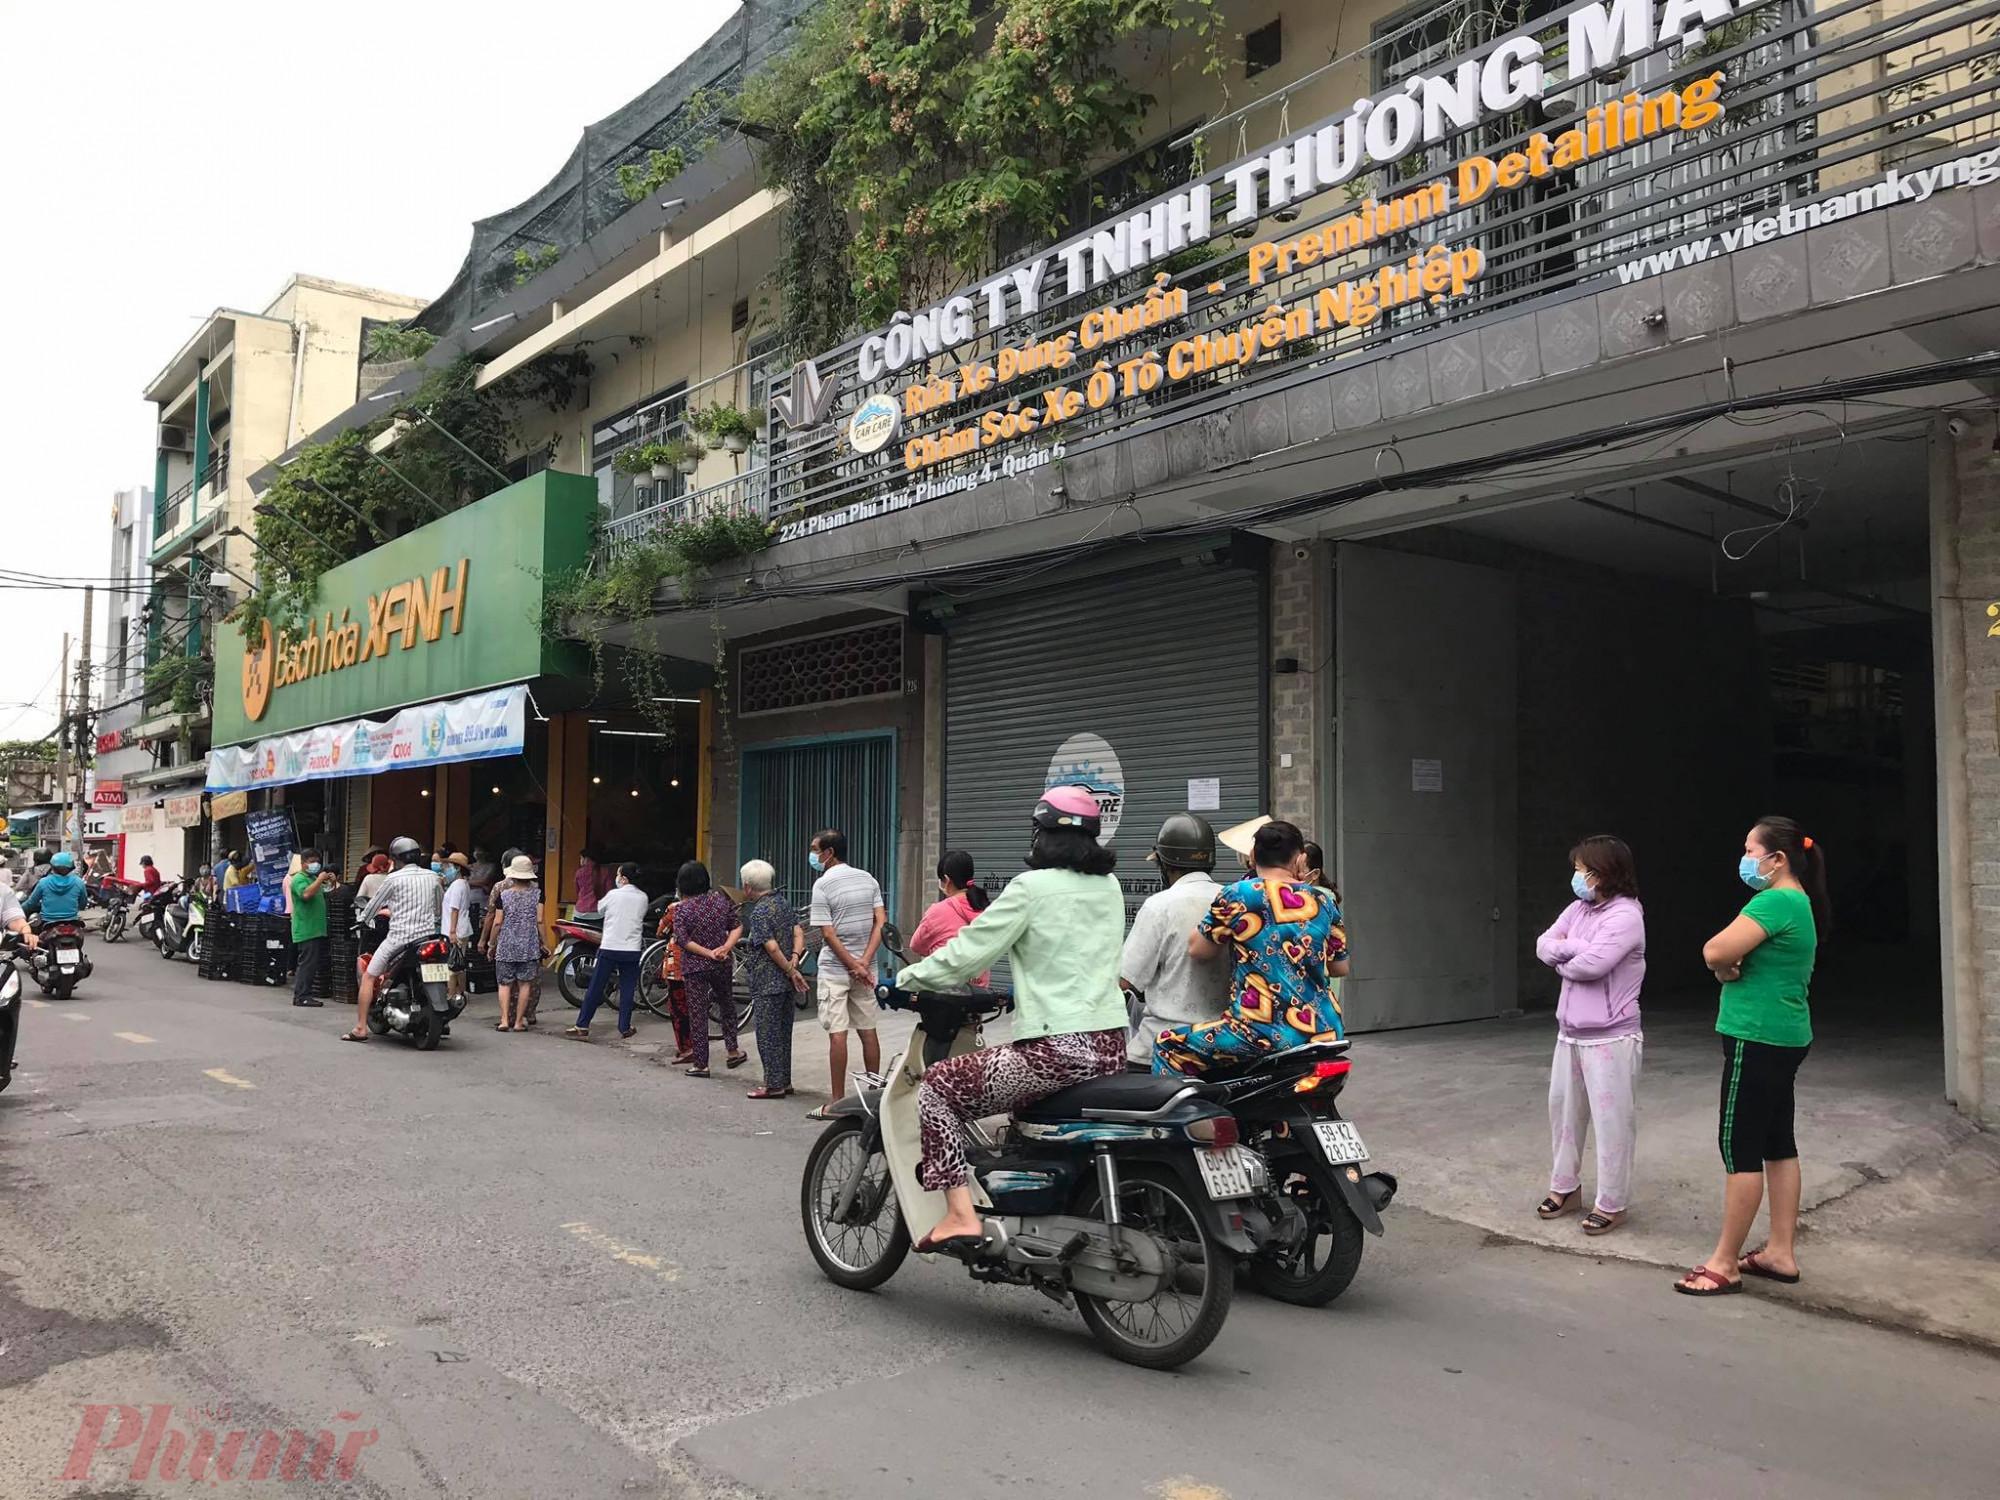 Không  khó  để  bắt gặp hình  ảnh người  dân  phải  xếp  một hàng dài trước siêu thị, chợ, cửa  hàng  bách  hoá , thực  phẩm  trong  sáng nay (8/7) để  mua  sắm nhu  yếu phẩm, thực  phẩmm.